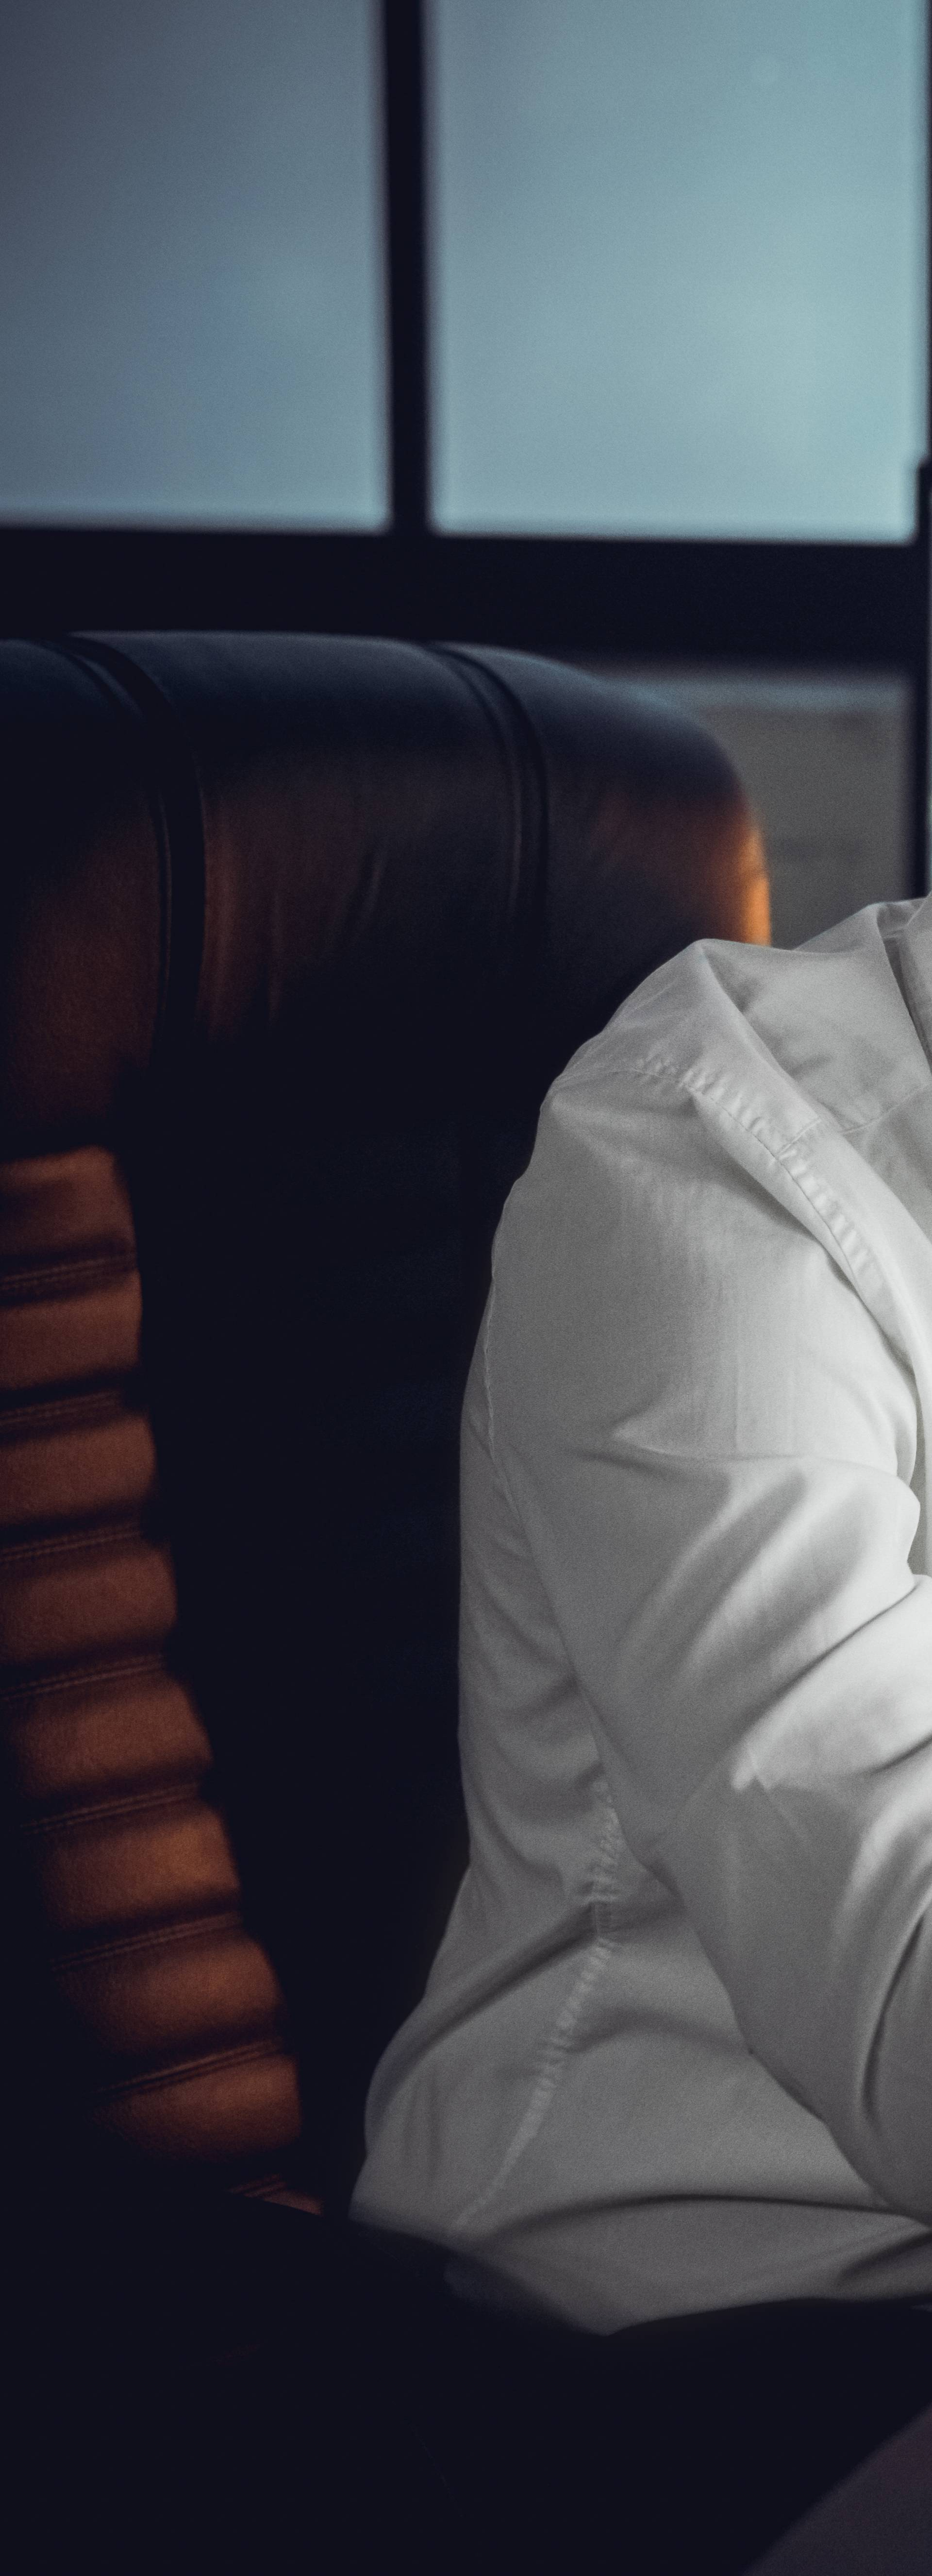 U 32. godini najveće su šanse da doživite 'burnout' zbog posla